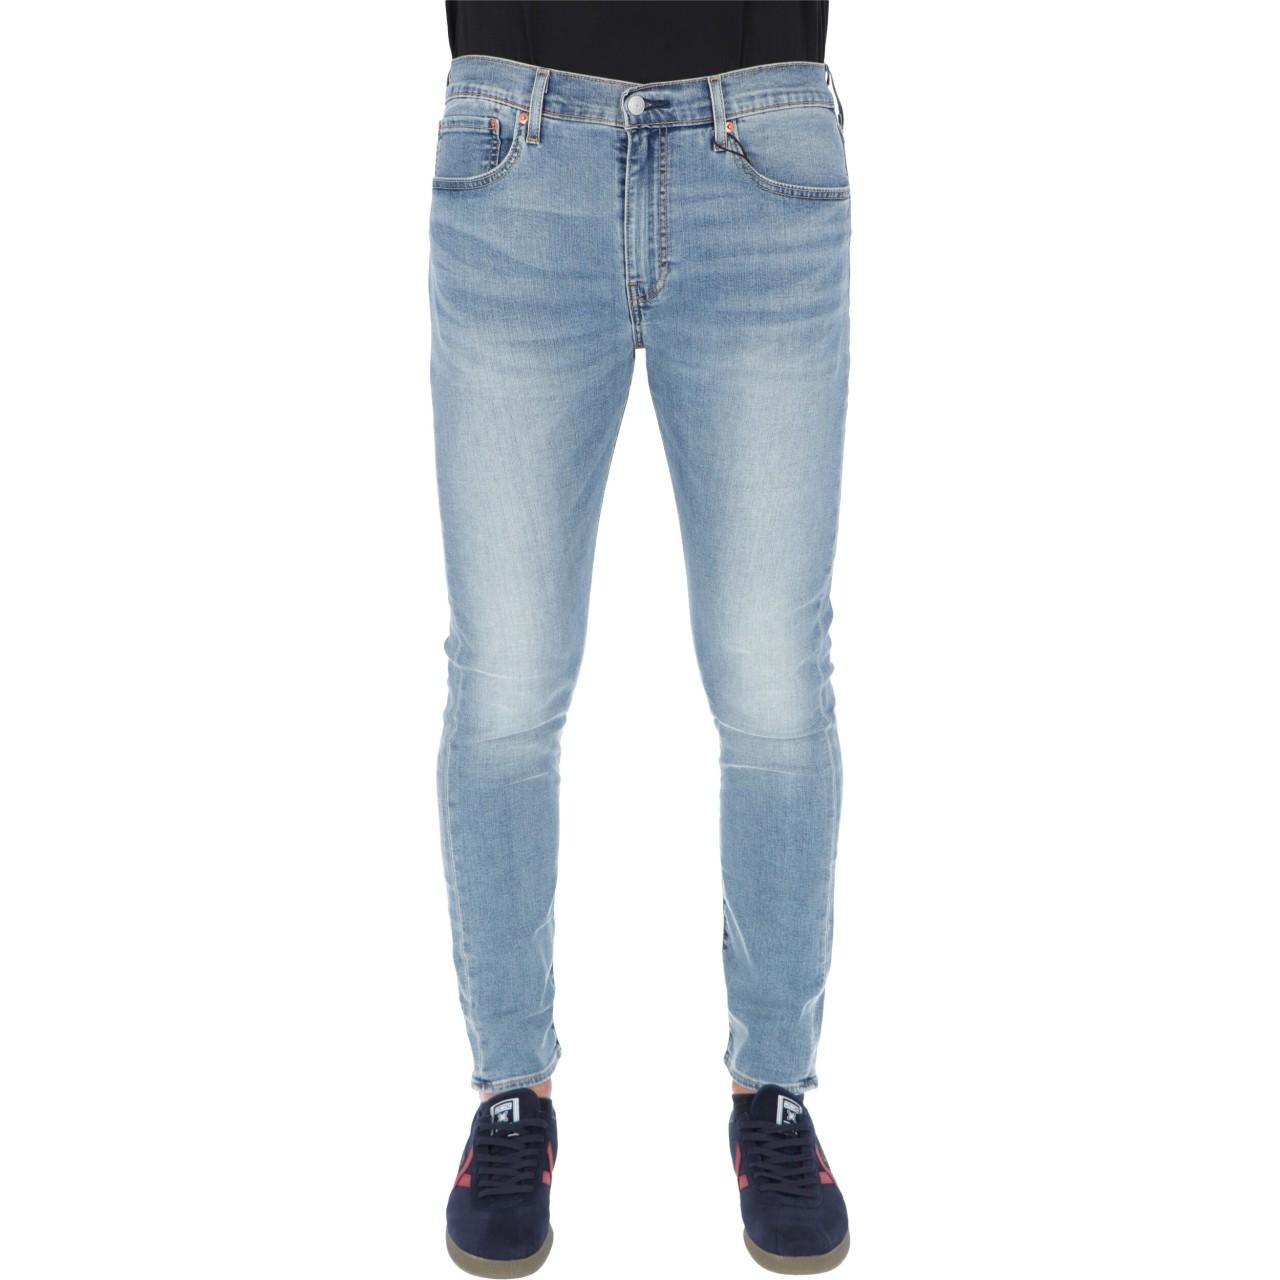 Levi's Uomo Jeans Levi's Uomo 512 Slim Taper Billy Goat L 32 8330666O